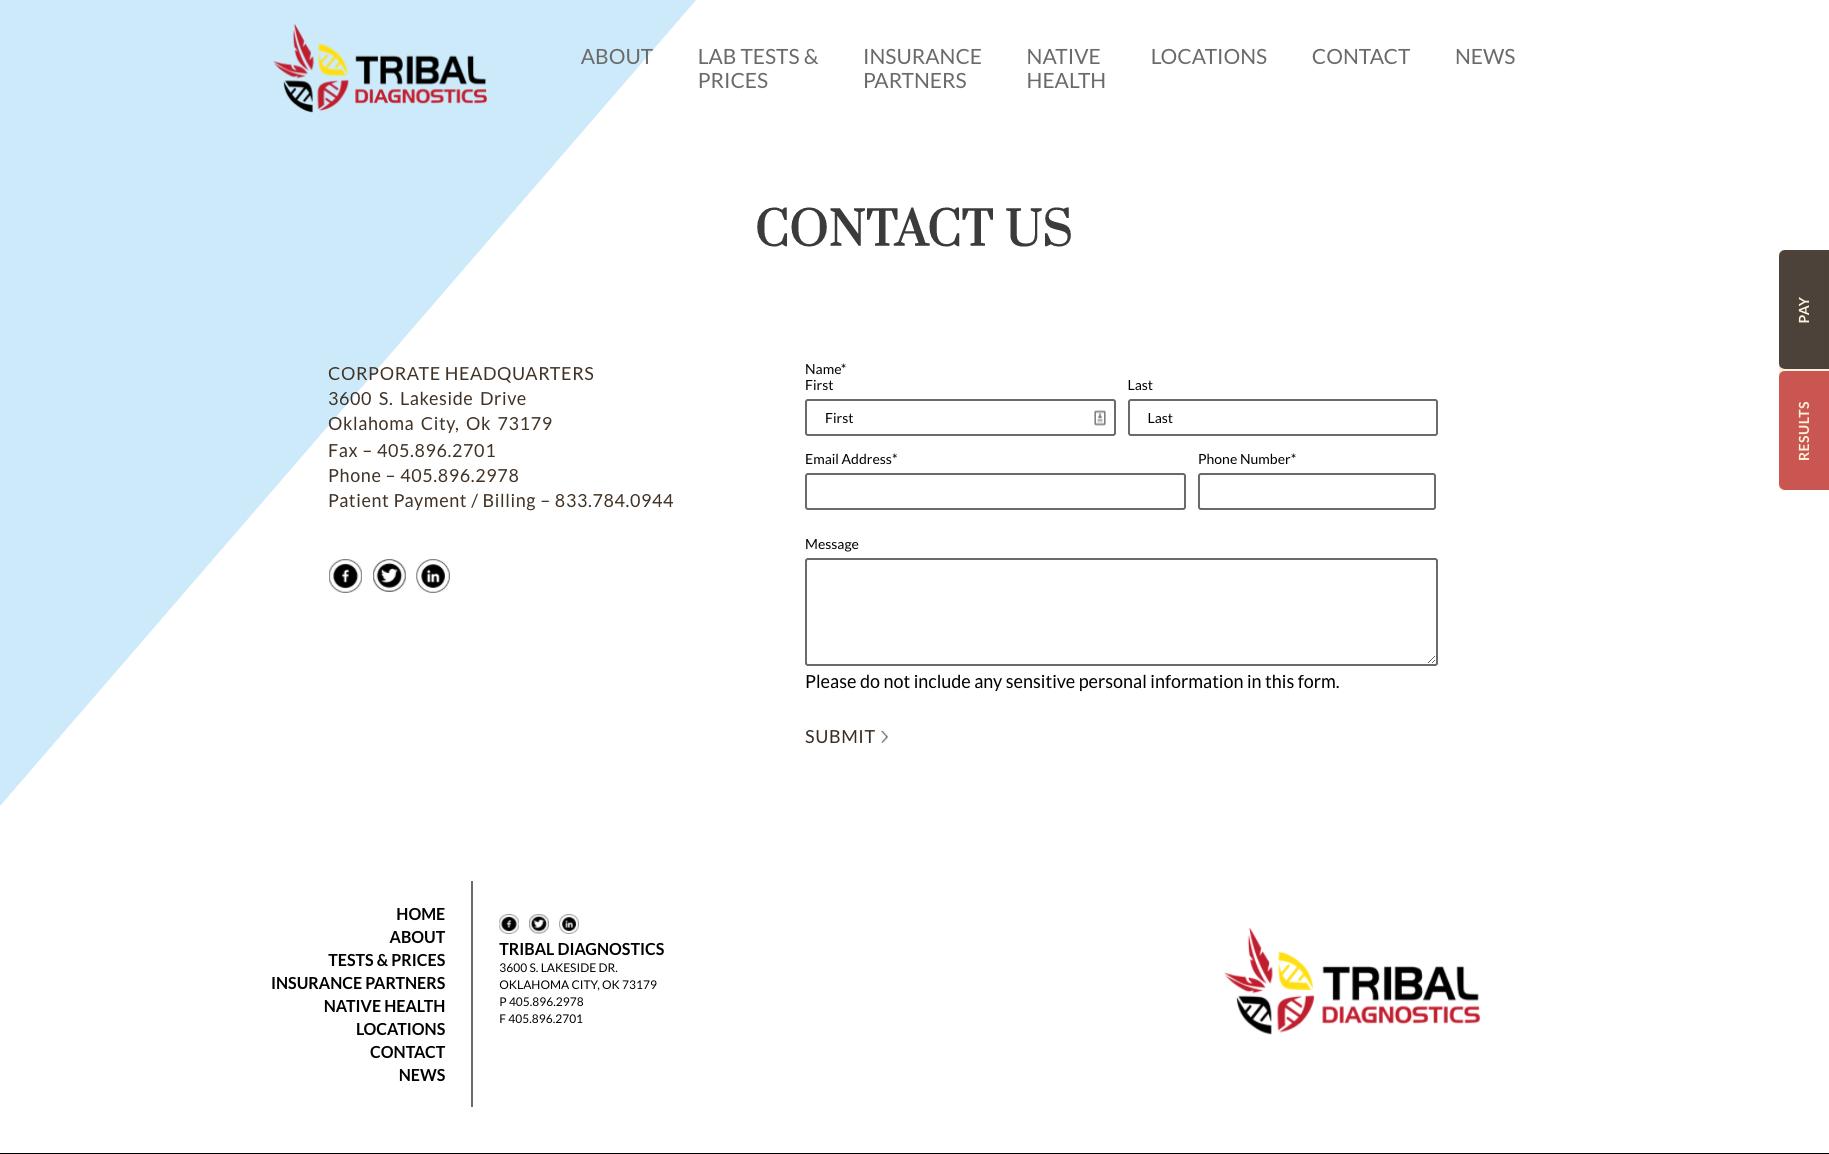 Tribal Diagnostics